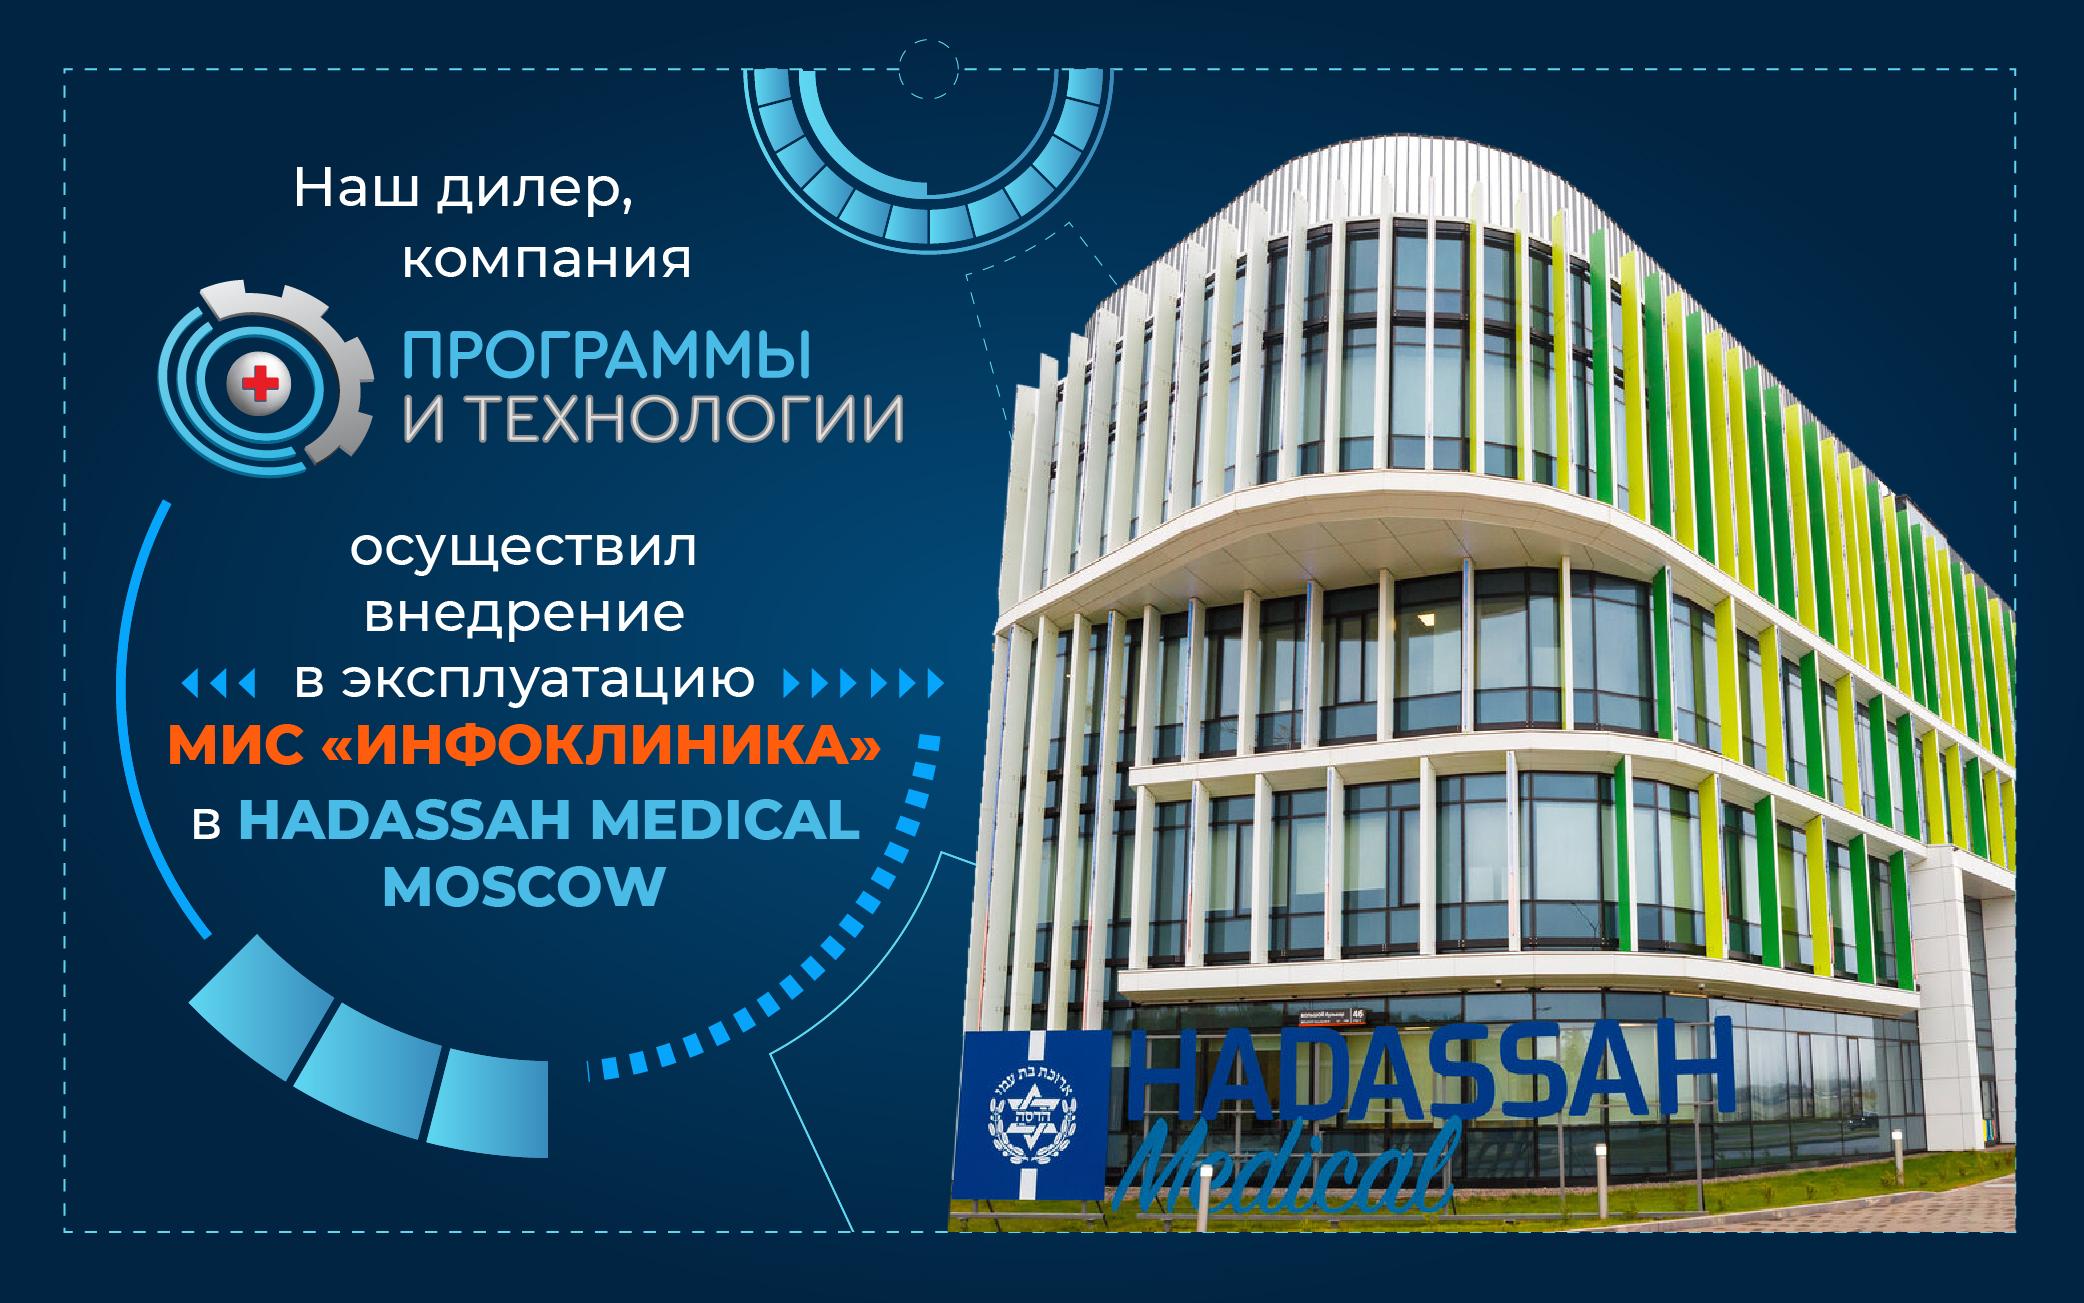 Дилер СДС-компания «ПРОГРАММЫ и ТЕХНОЛОГИИ» внедрила МИС «ИНФОКЛИНИКА» в HADASSAH MEDICAL MOSCOW